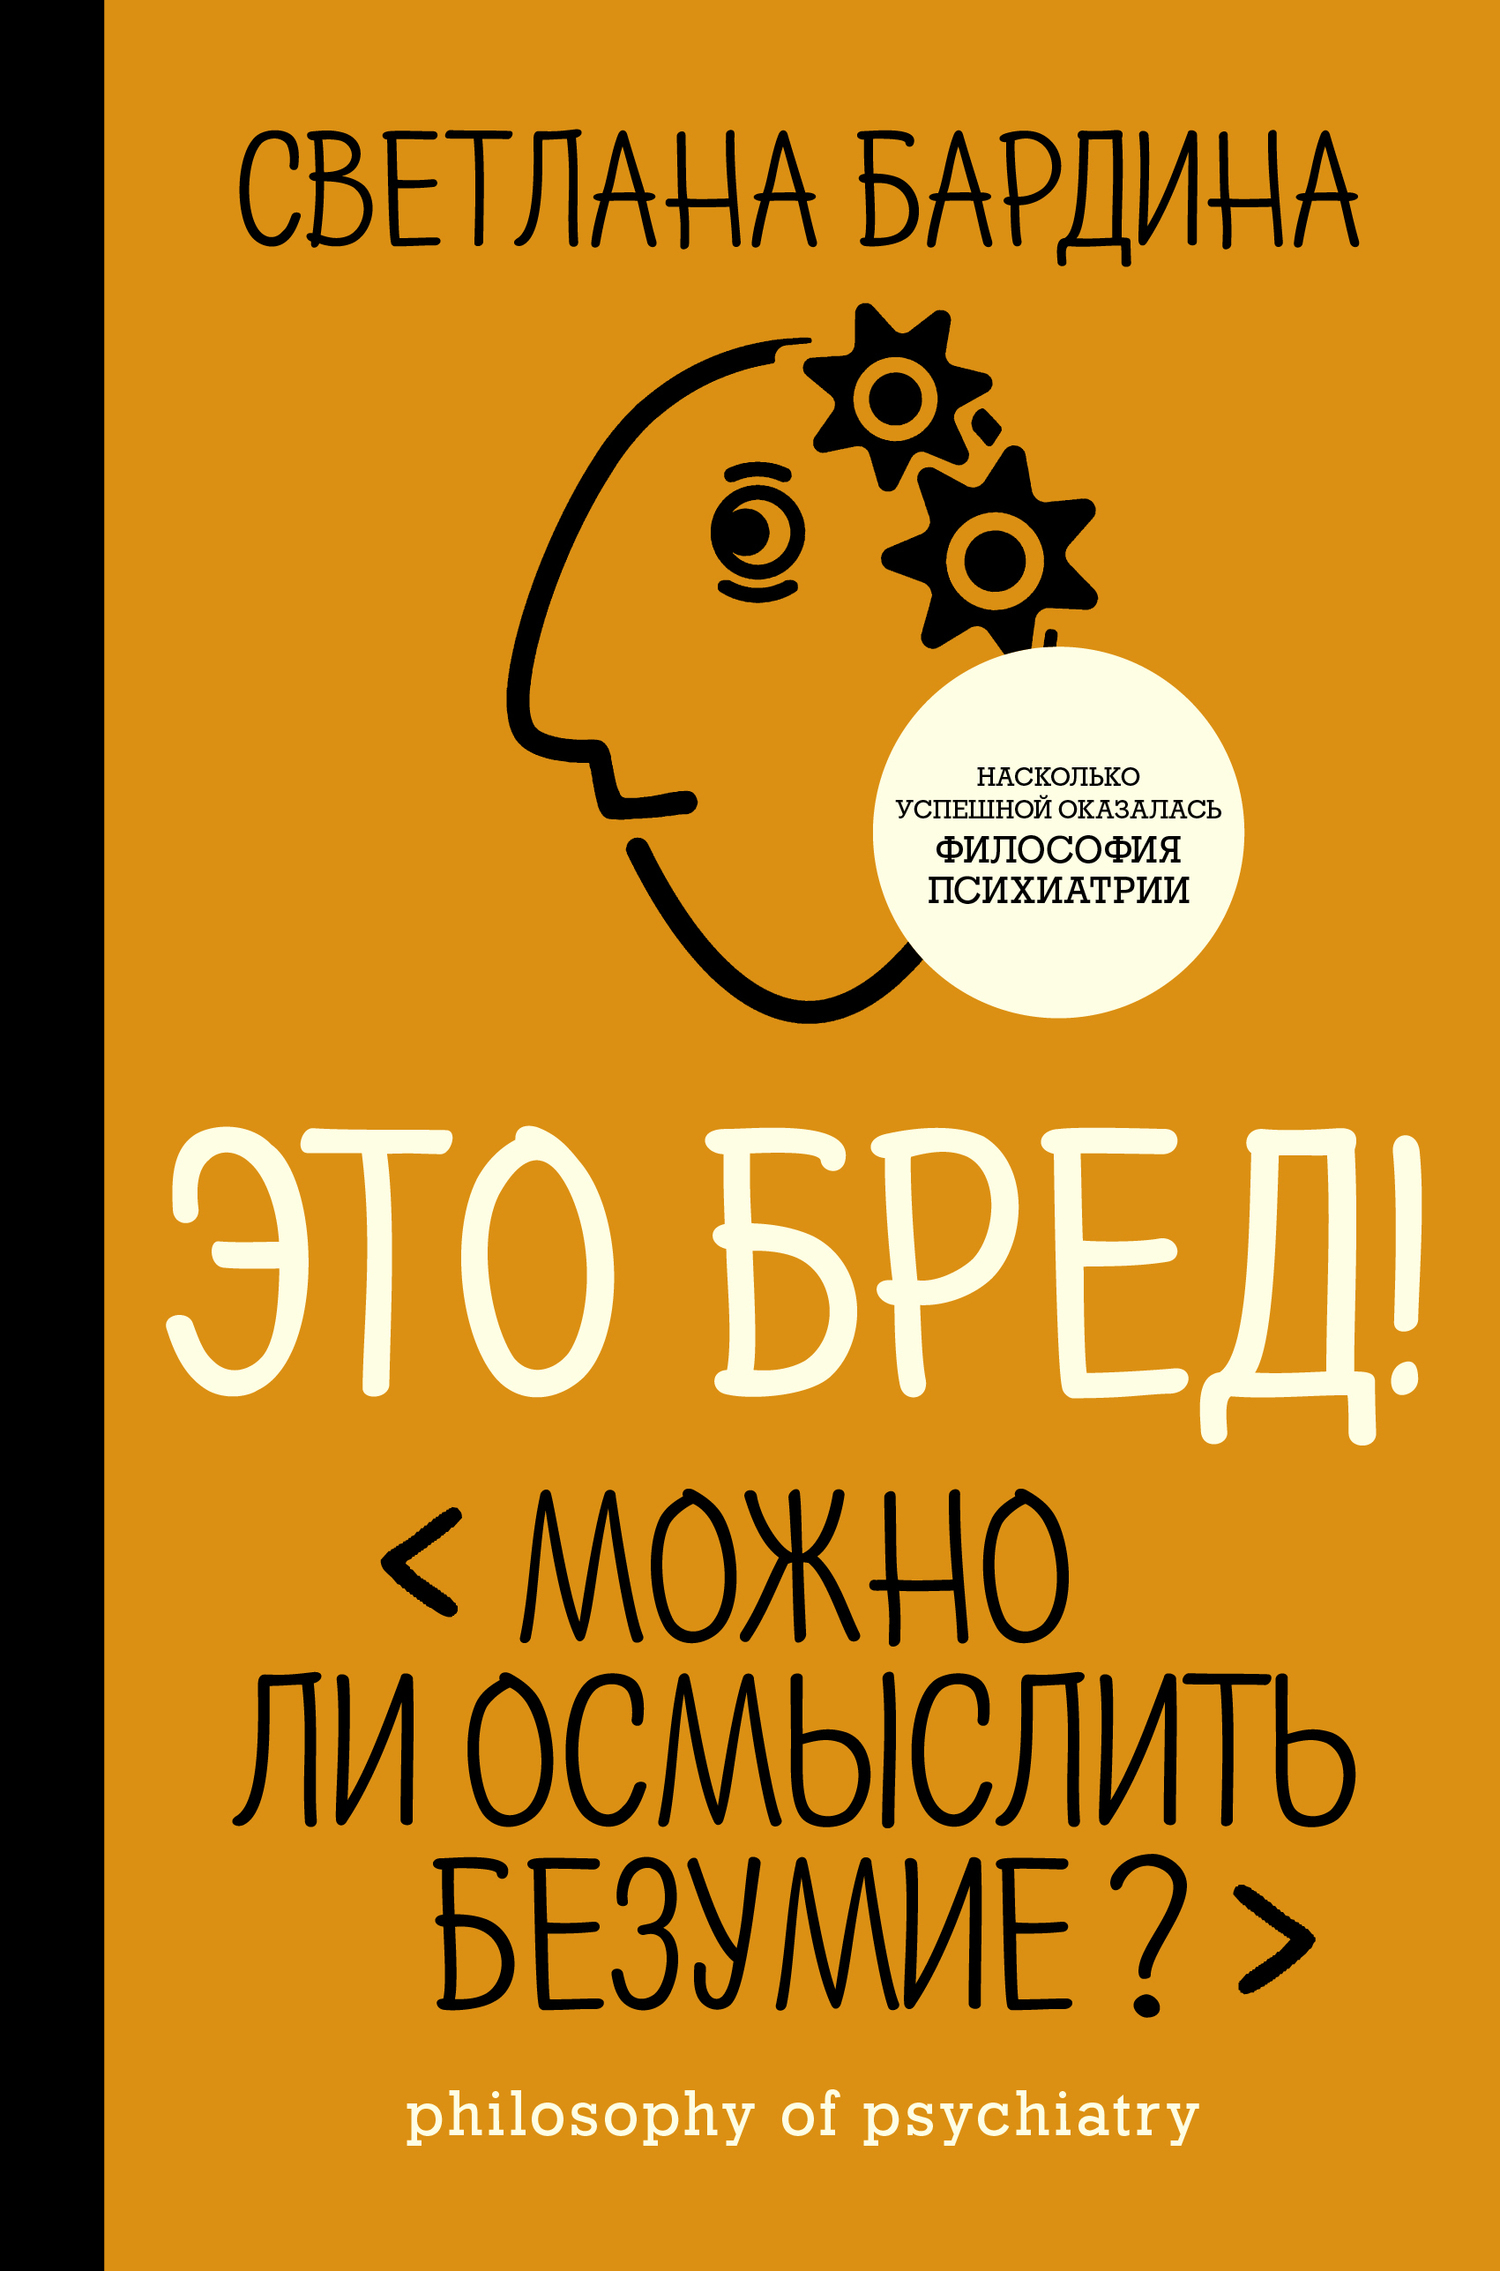 Светлана Бардина - Это бред! Можно ли осмыслить безумие?